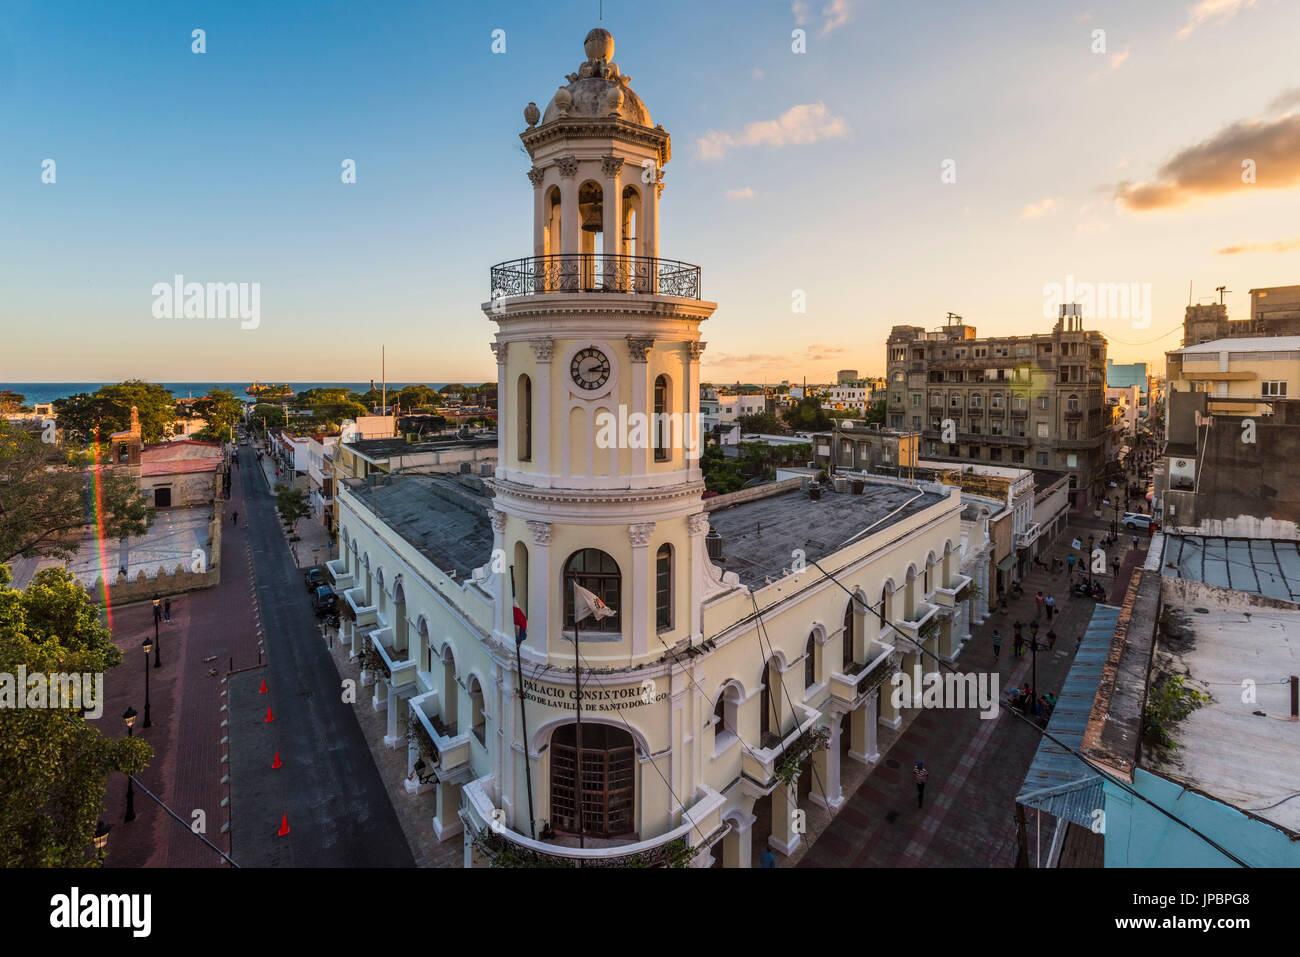 Le Colonial (colonial), Santo Domingo, République dominicaine. Les architectures coloniales de l'Palacio Consistorial. Photo Stock